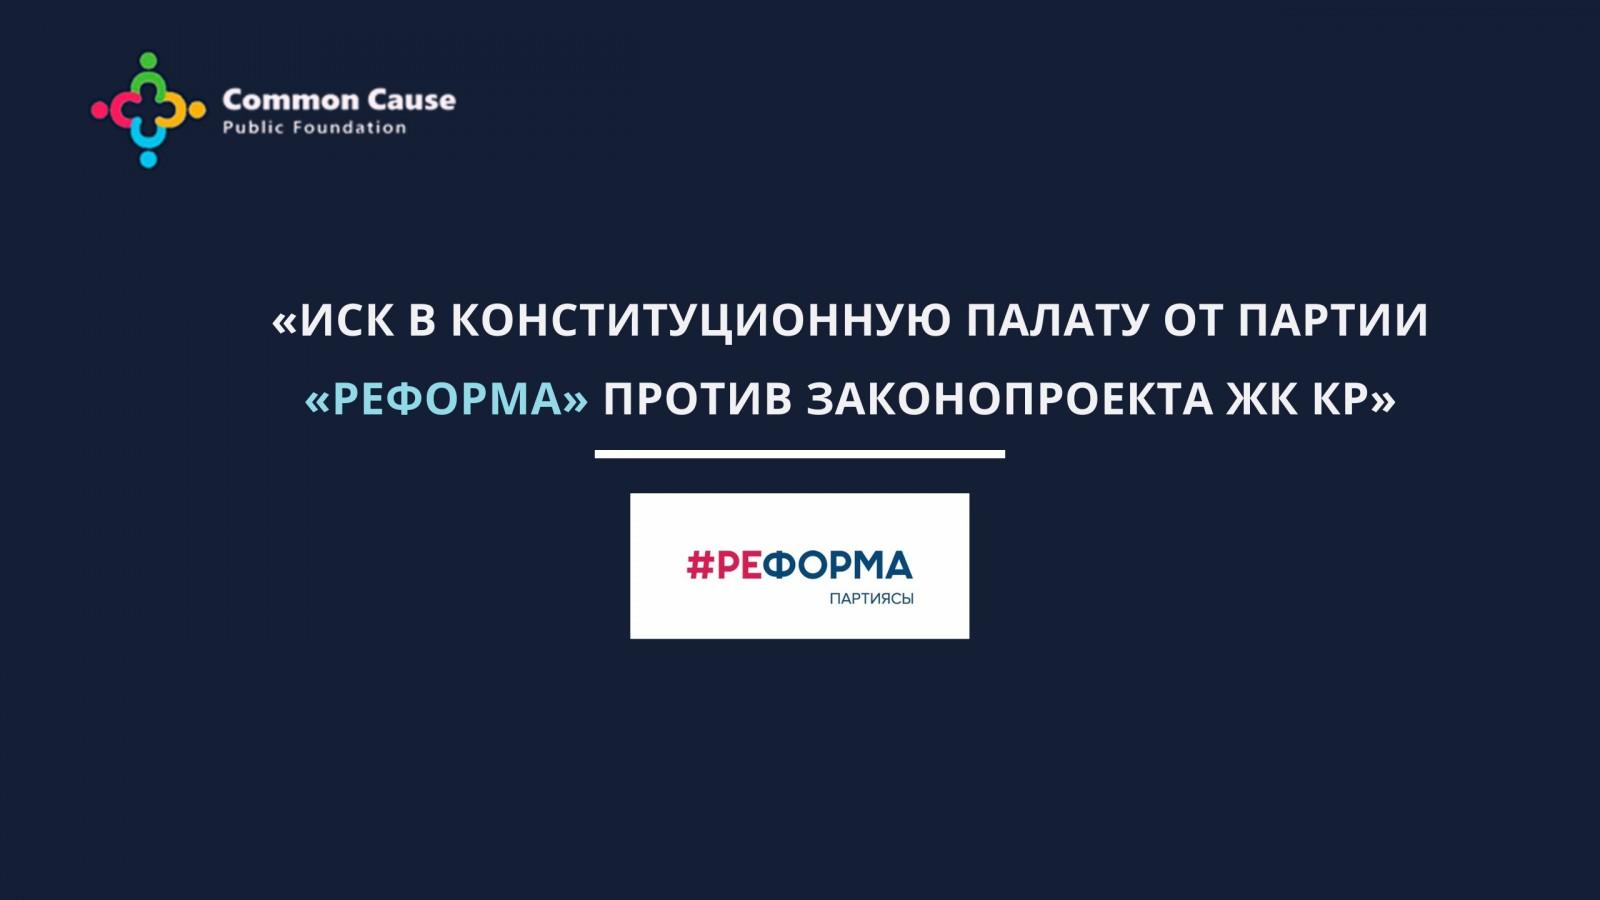 """Иск в Конституционную палату от партии """"Реформа"""" против законопроекта ЖК КР"""